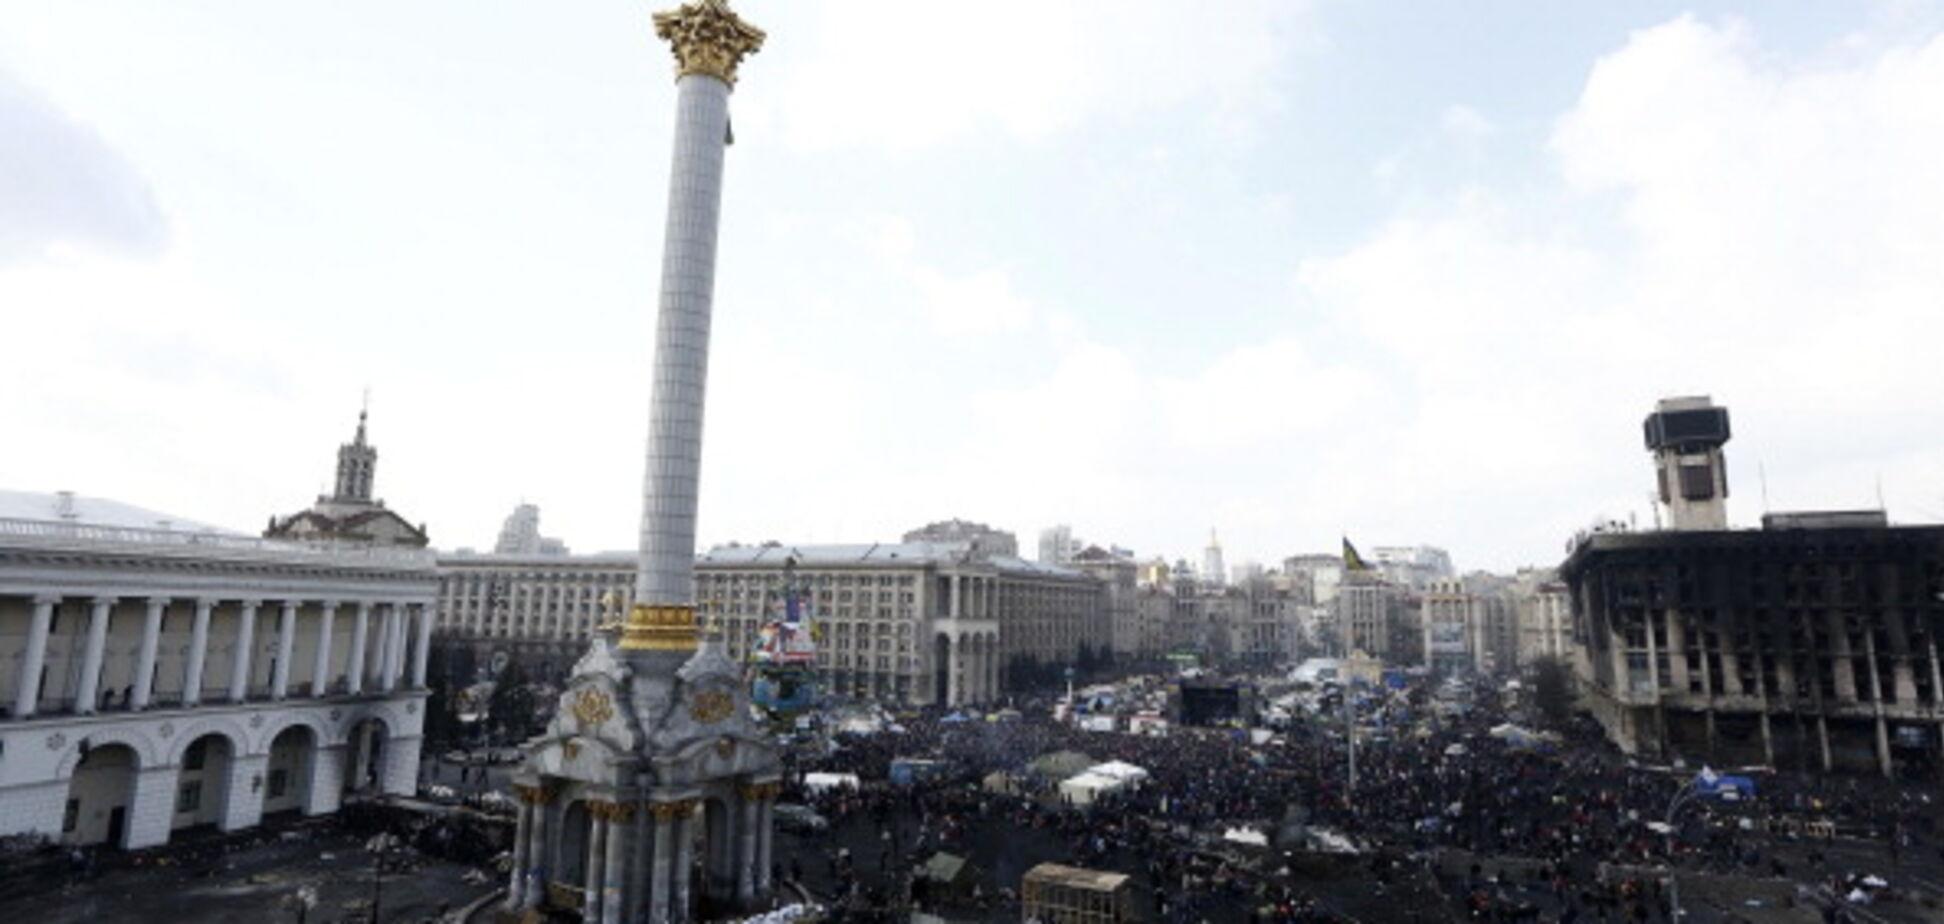 'Своїх не здають': у ГПУ розповіли, що заважає розслідуванню по Майдану